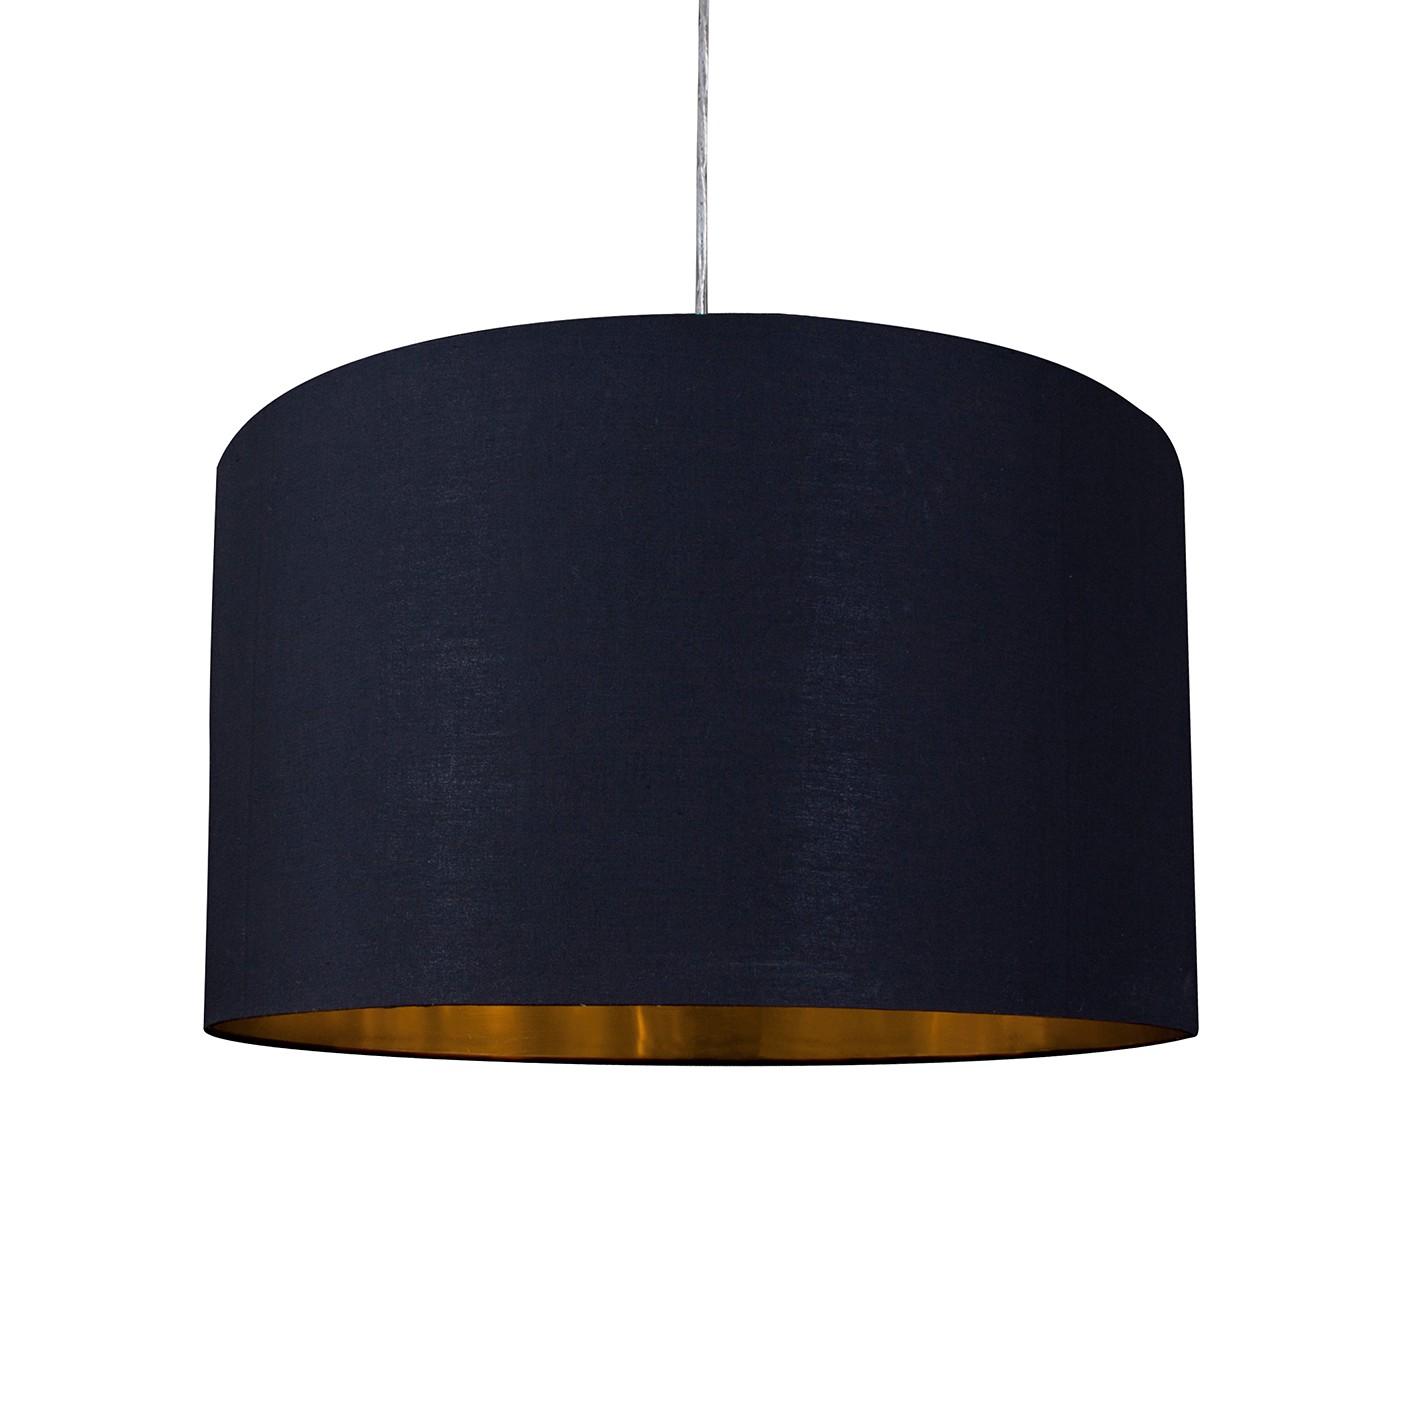 pendelleuchte 3 flammig preisvergleich die besten angebote online kaufen. Black Bedroom Furniture Sets. Home Design Ideas